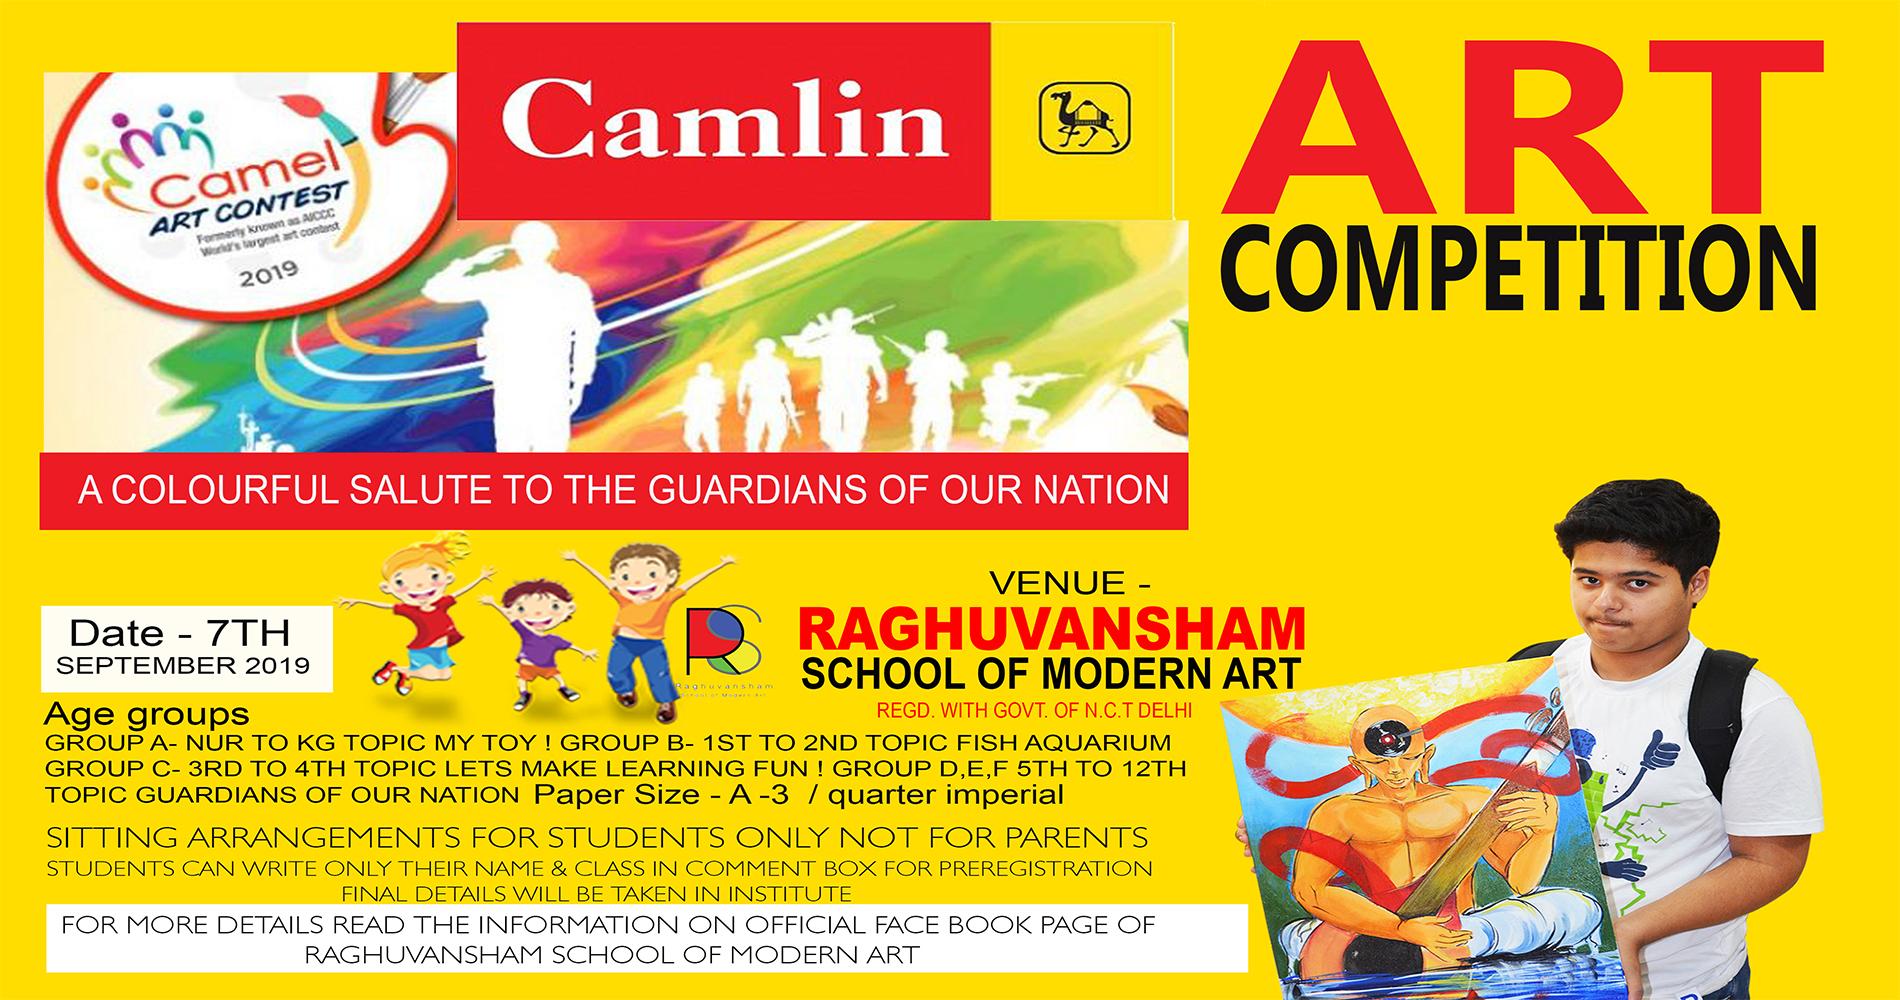 Camlin Art Competition 2019, North West Delhi, Delhi, India